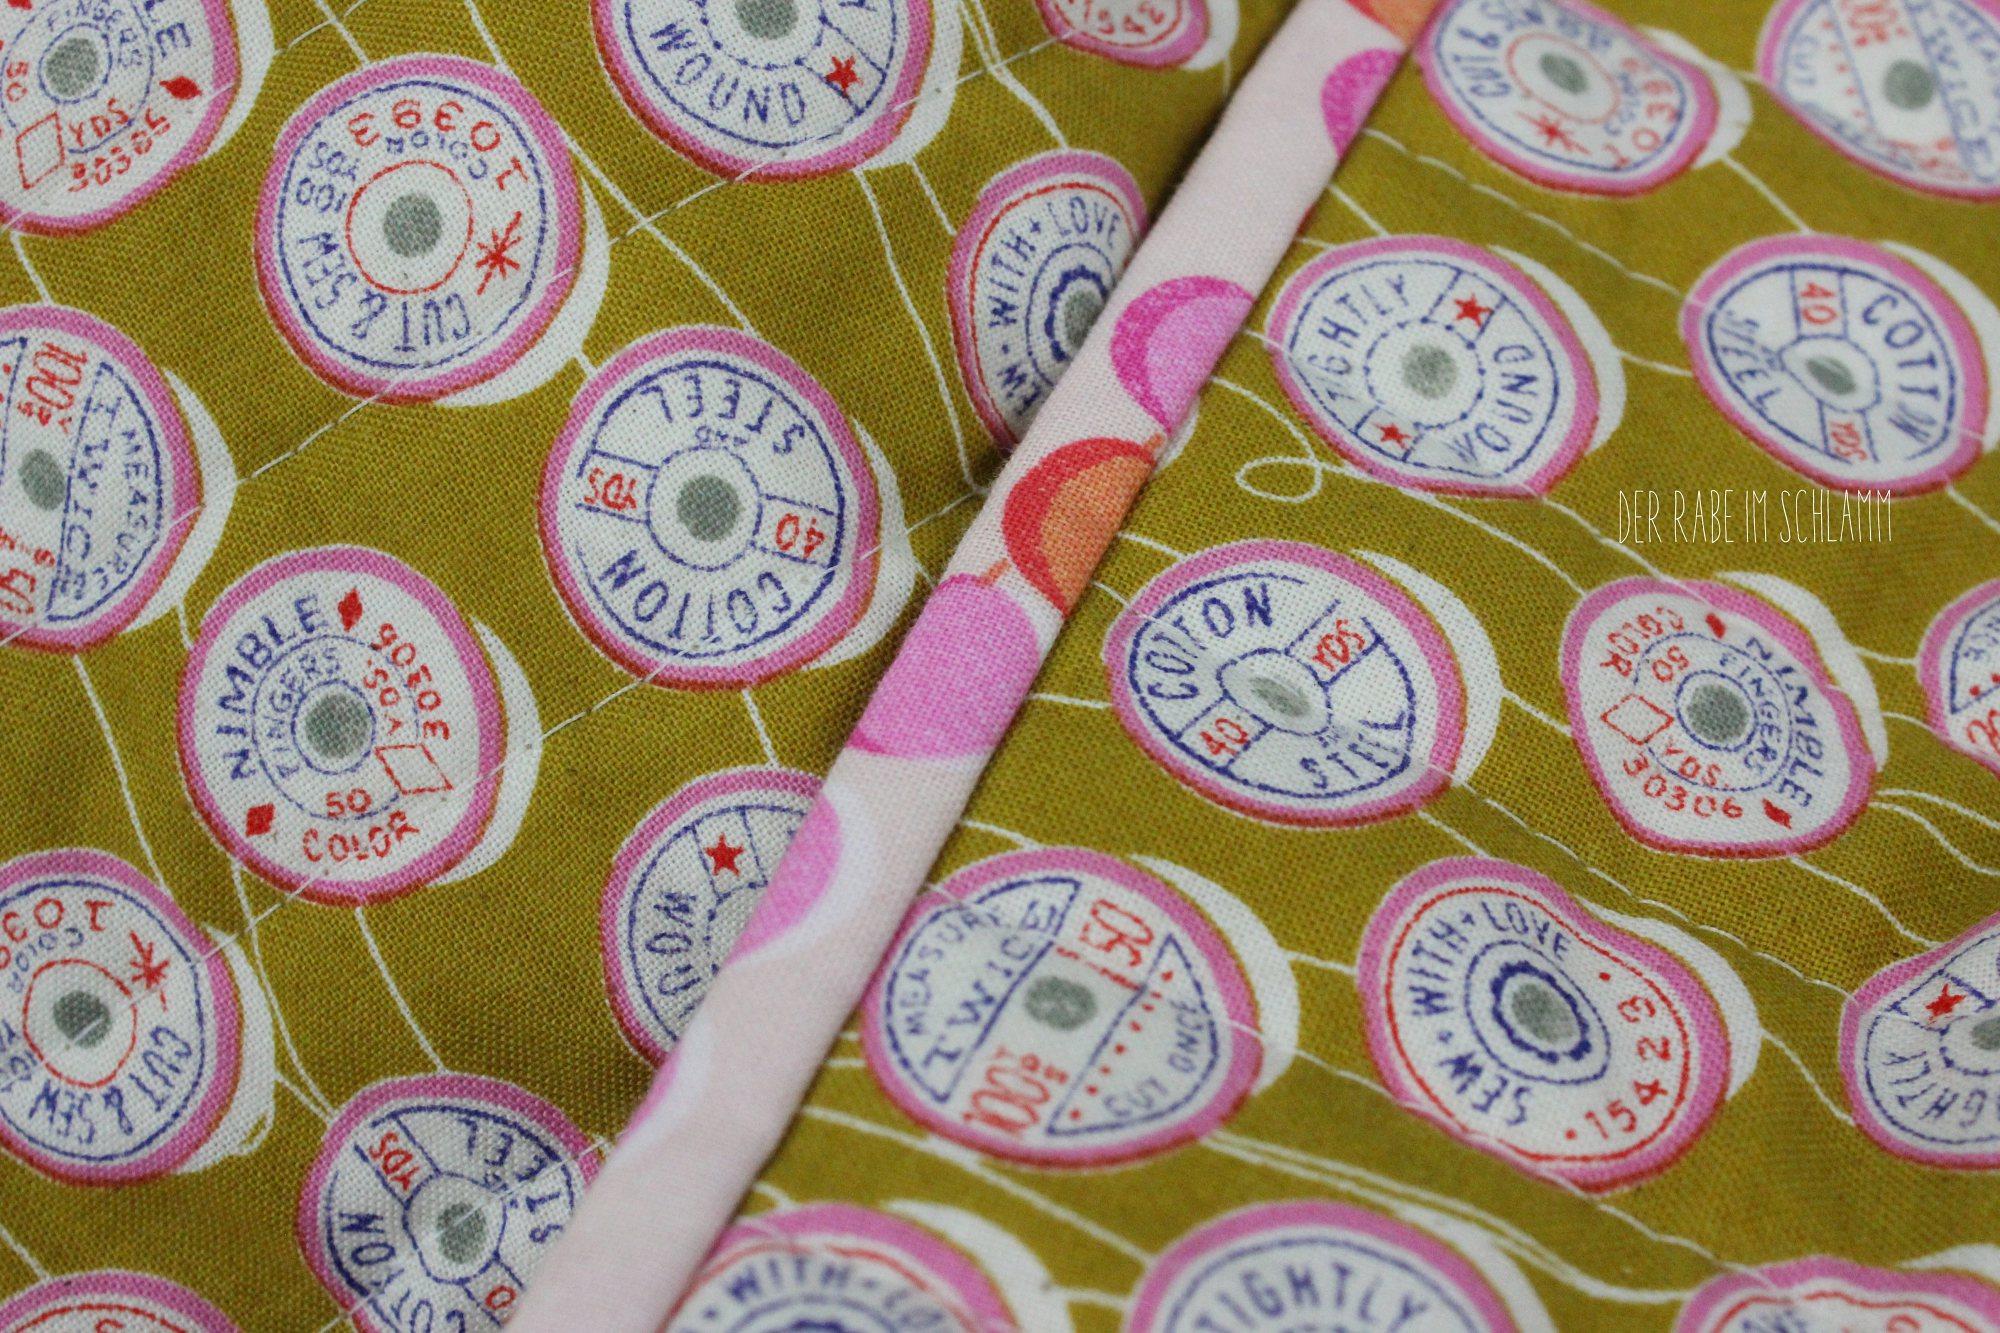 Der Rabe im Schlamm, Spool Soufflé Quilt, Spool Quilt, Quilt, Patchwork, Trinket, Cotton and Steel, Melody Miller